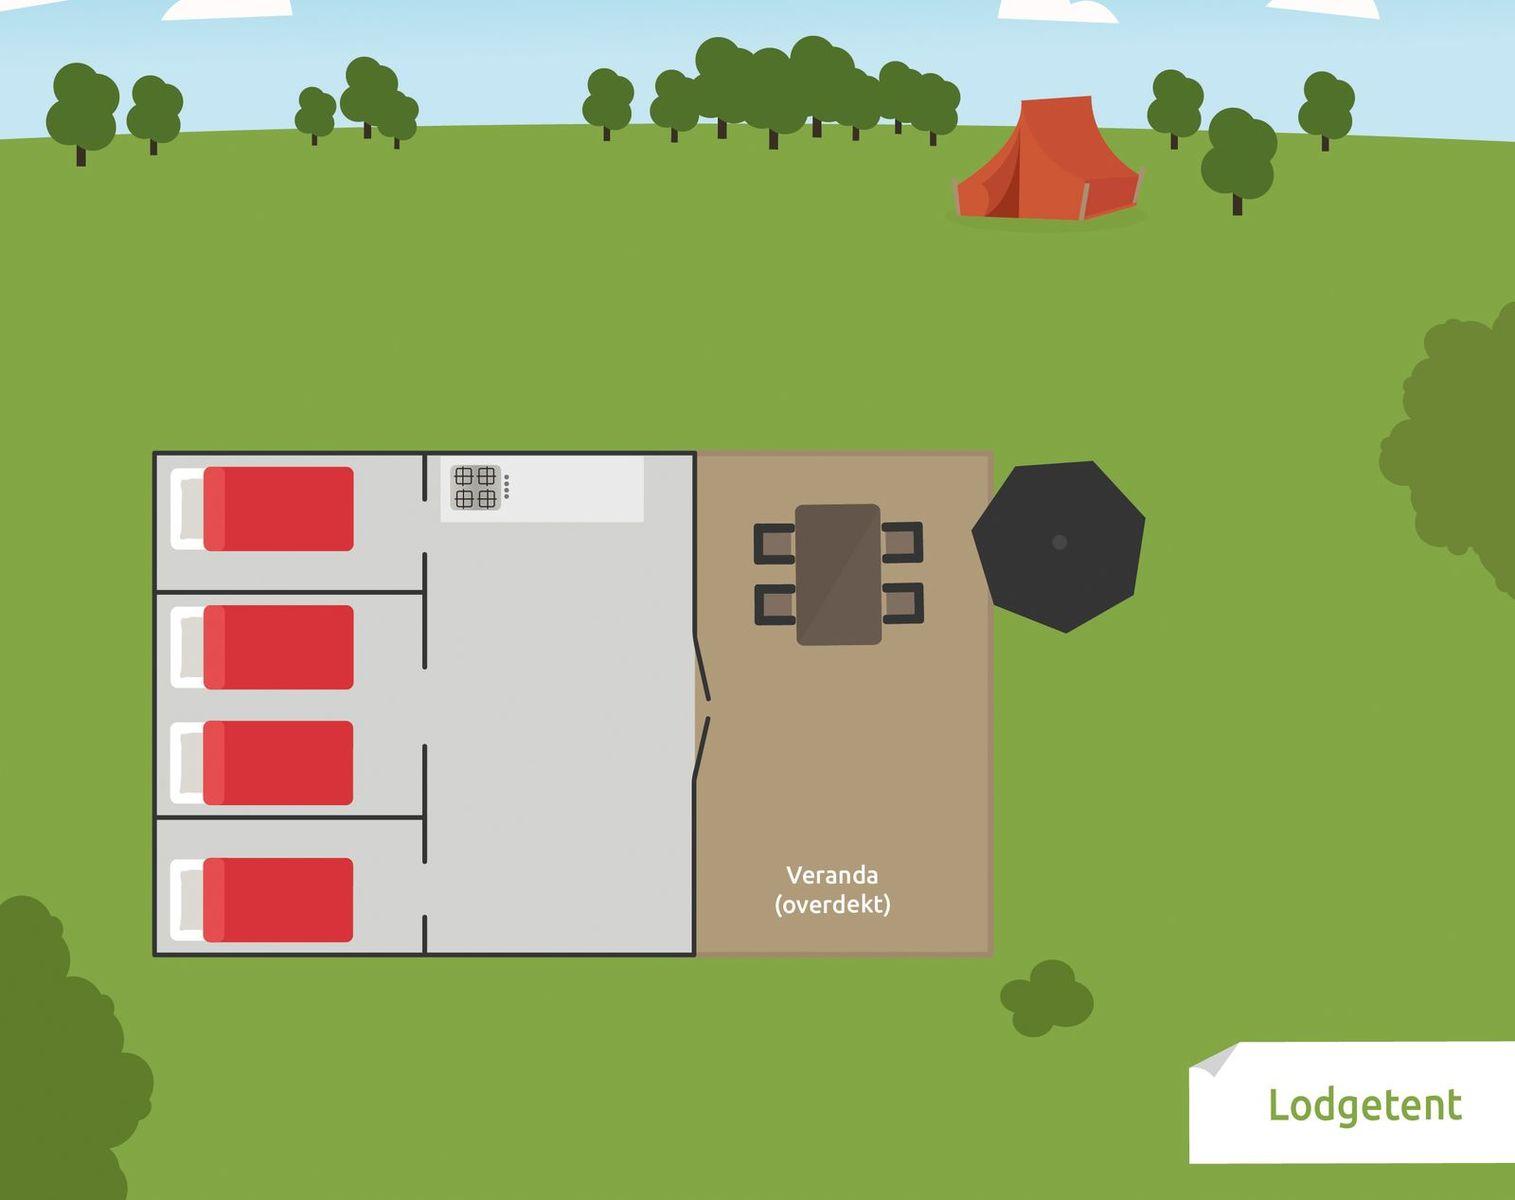 4-persoons Lodgetent eenoudergezin